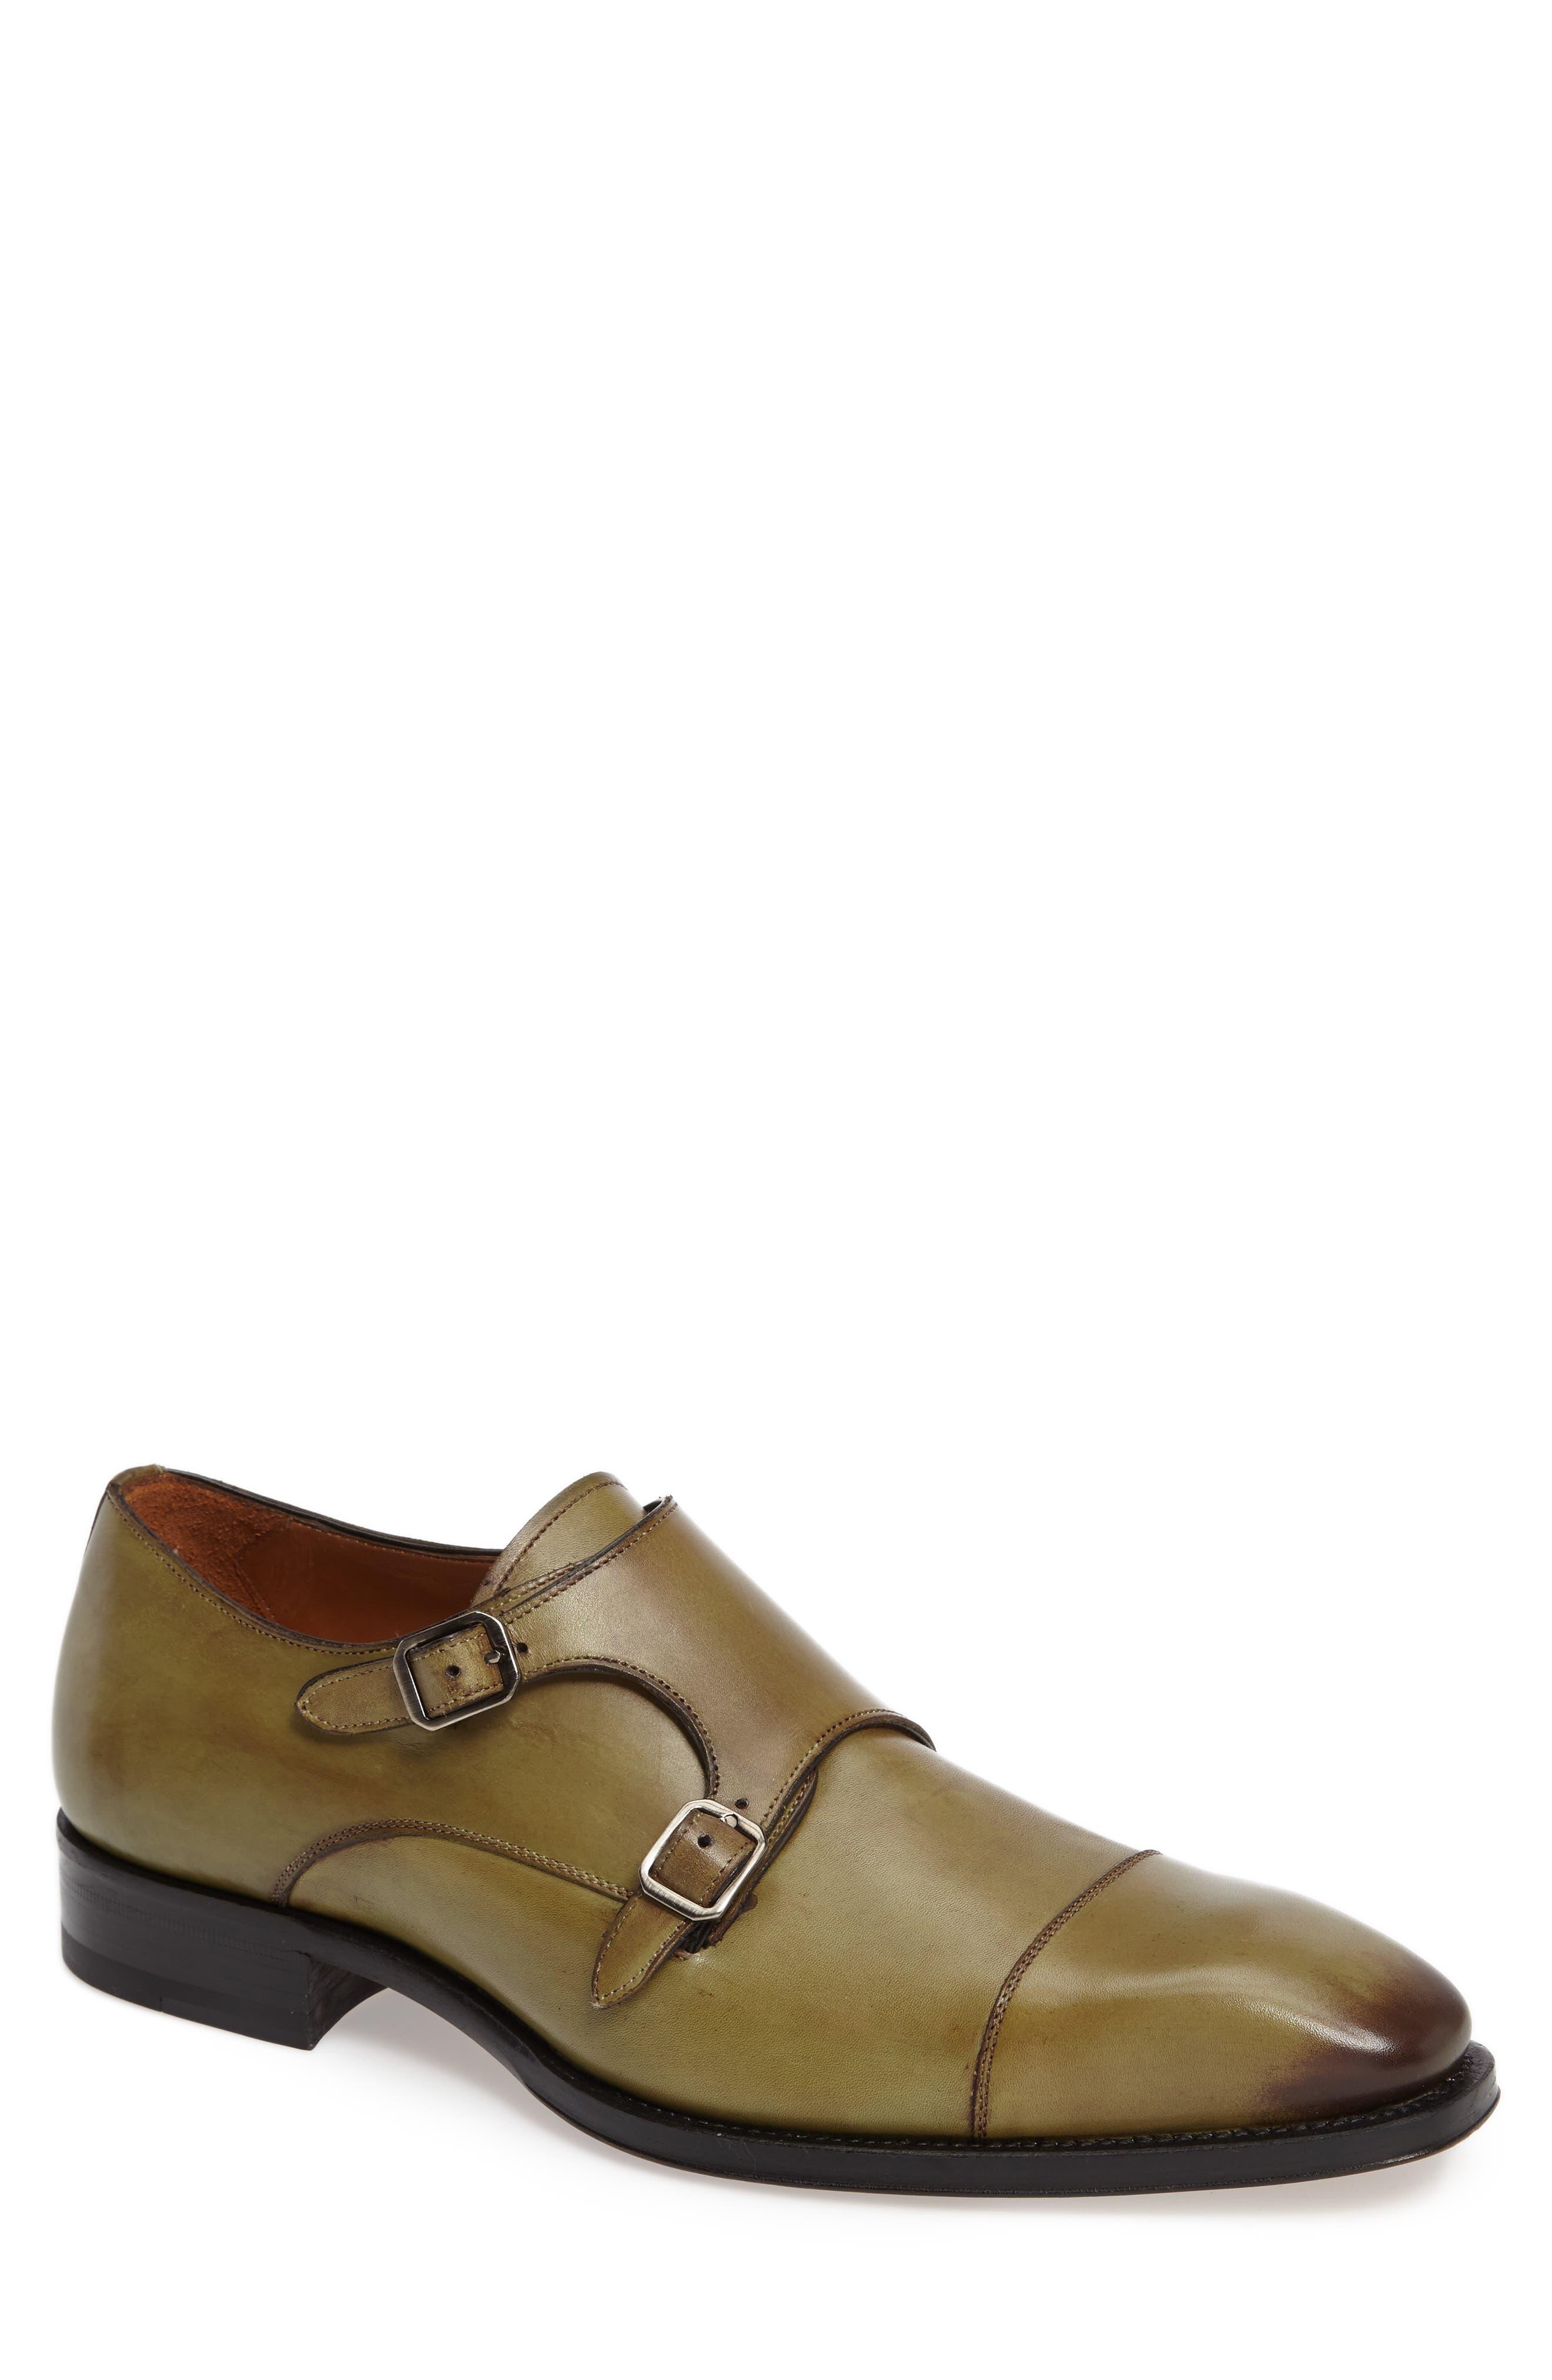 Main Image - Mezlan Cajal Double Monk Strap Cap Toe Shoe (Men)